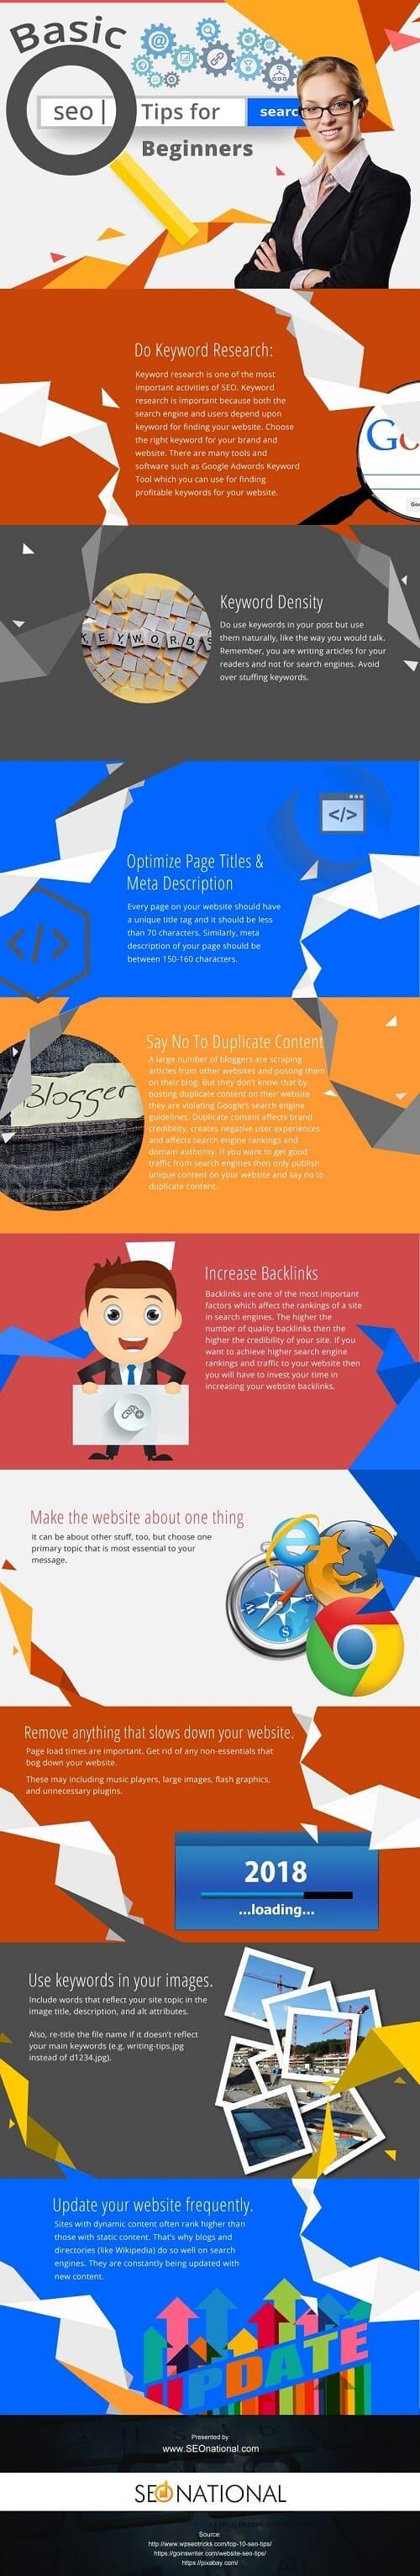 Aspectos básicos del posicionamiento web #infografía